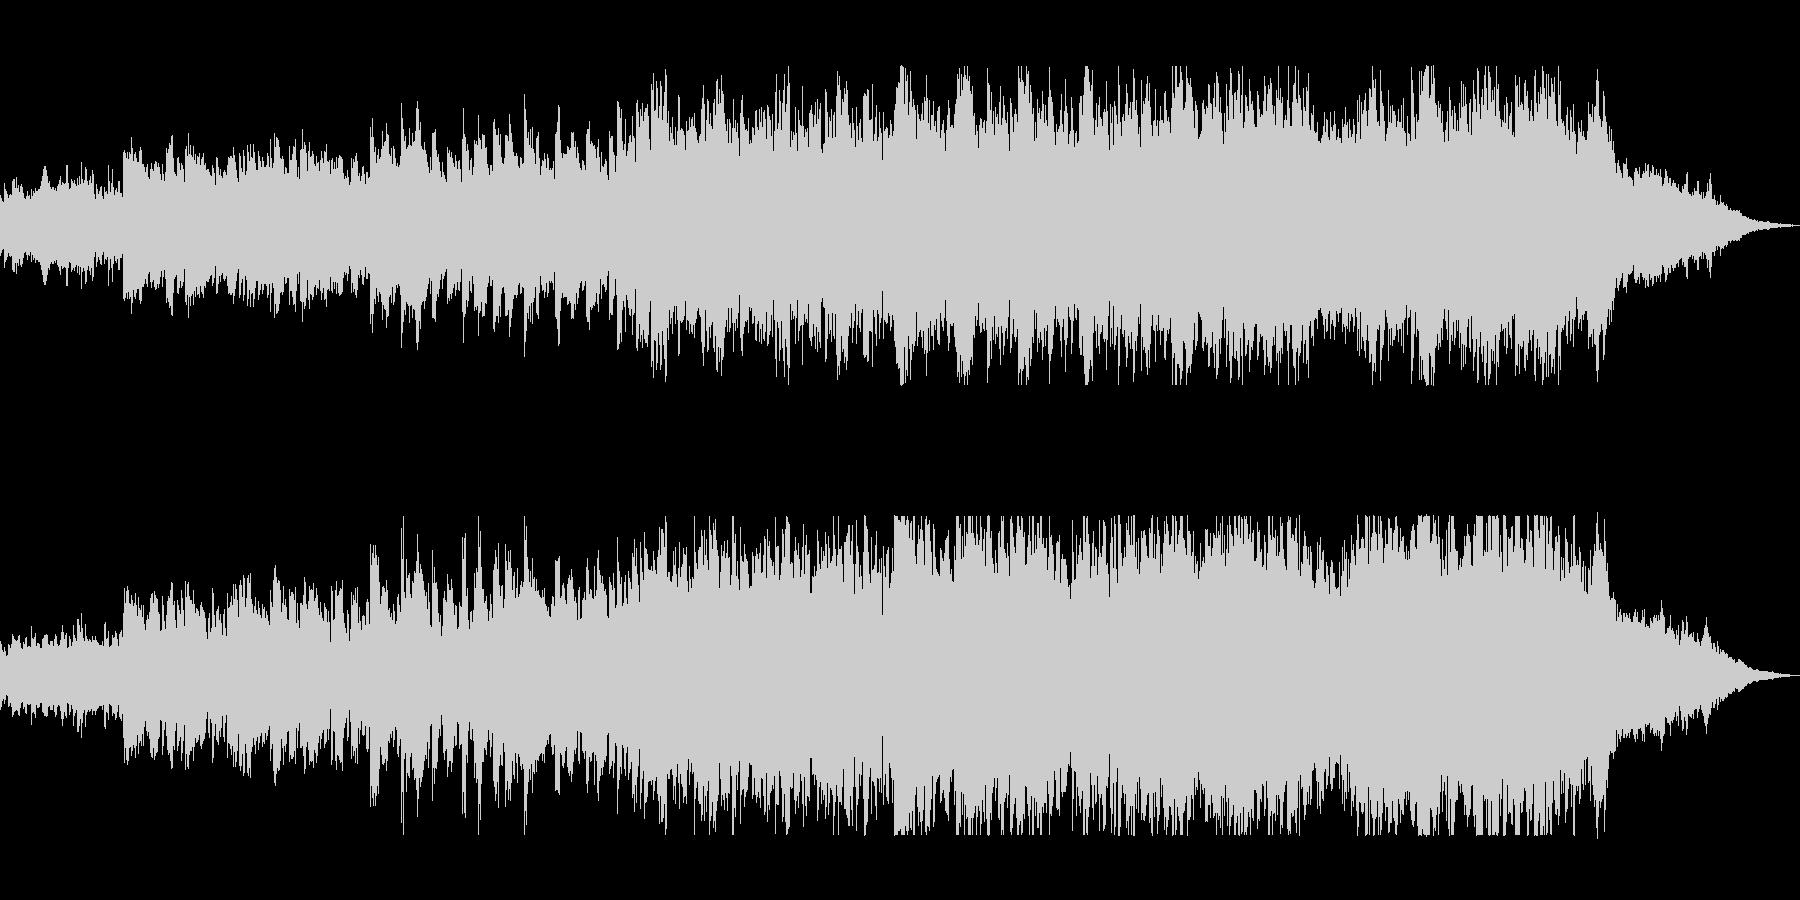 電子音とオーケストラのヒーリングの未再生の波形